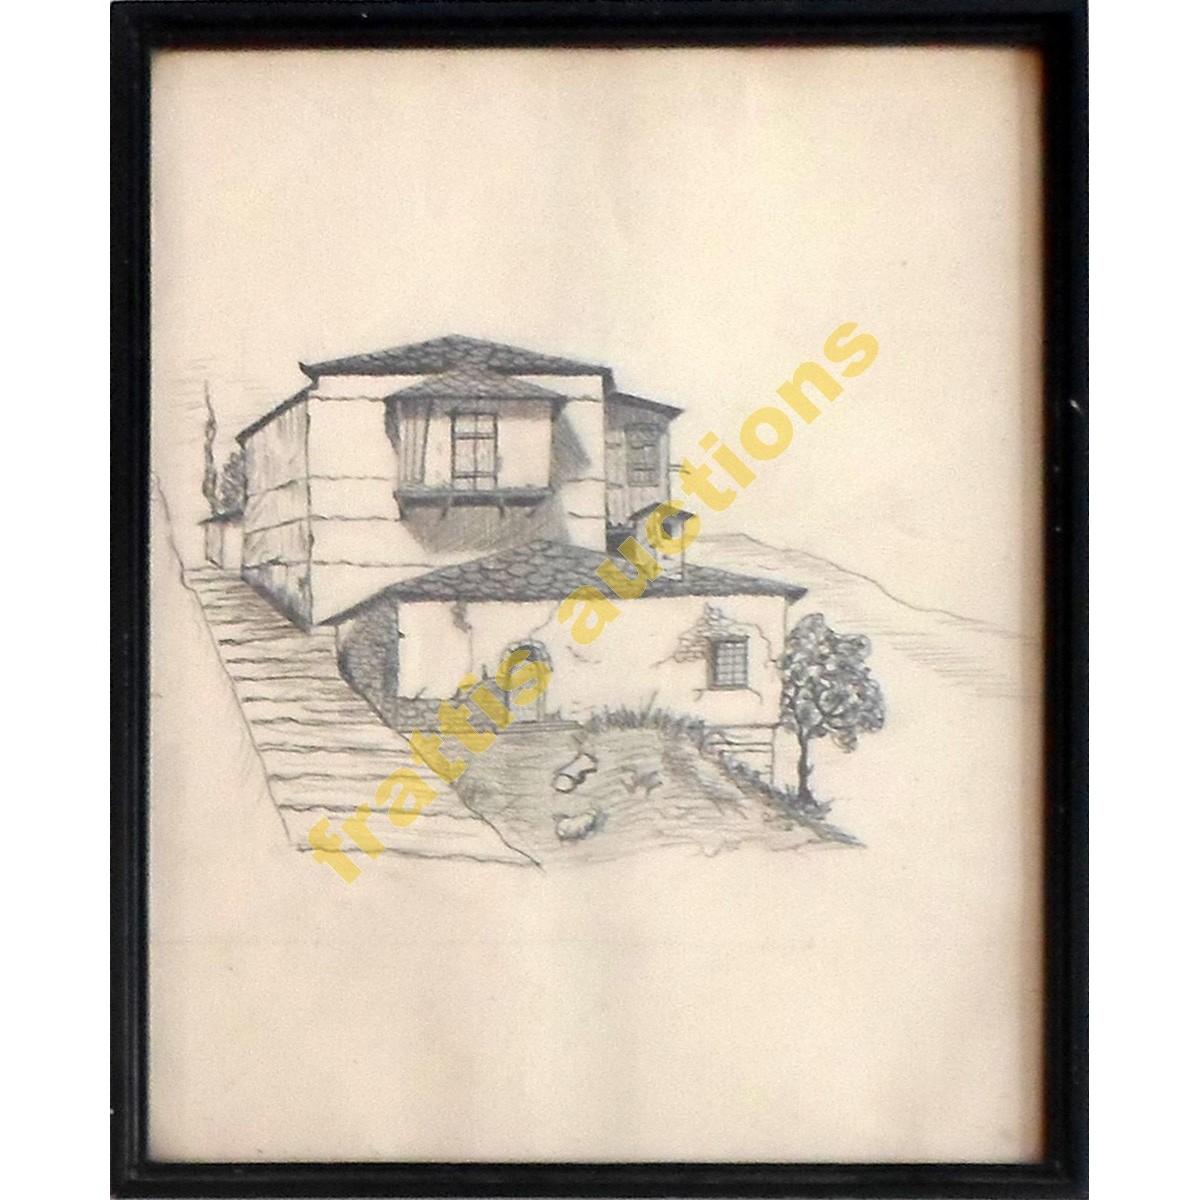 Σπίτια στην Κοζάνη, σχέδιο με μολύβι.